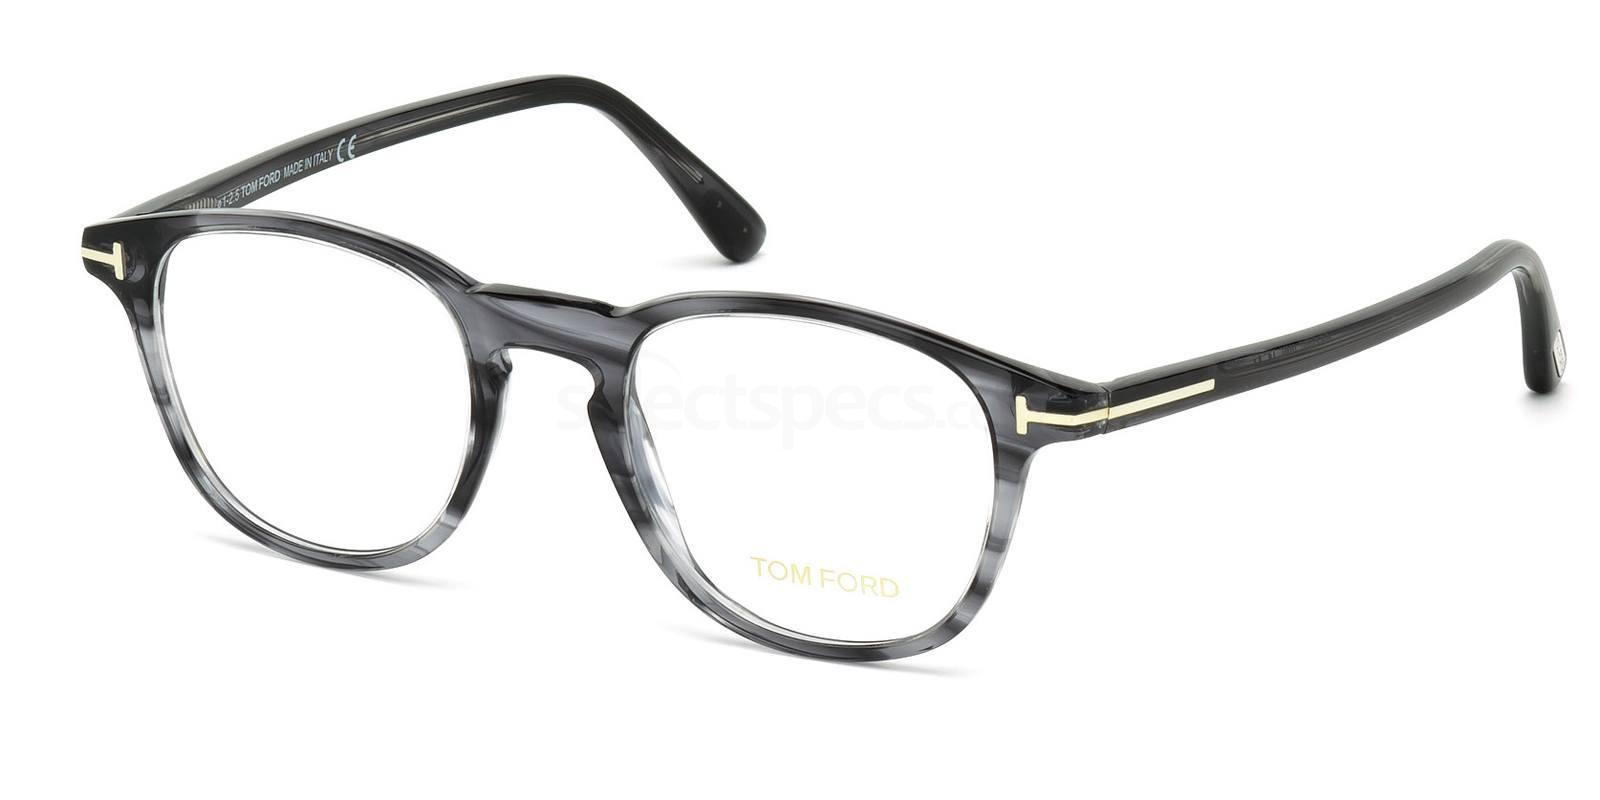 020 FT5389 Glasses, Tom Ford